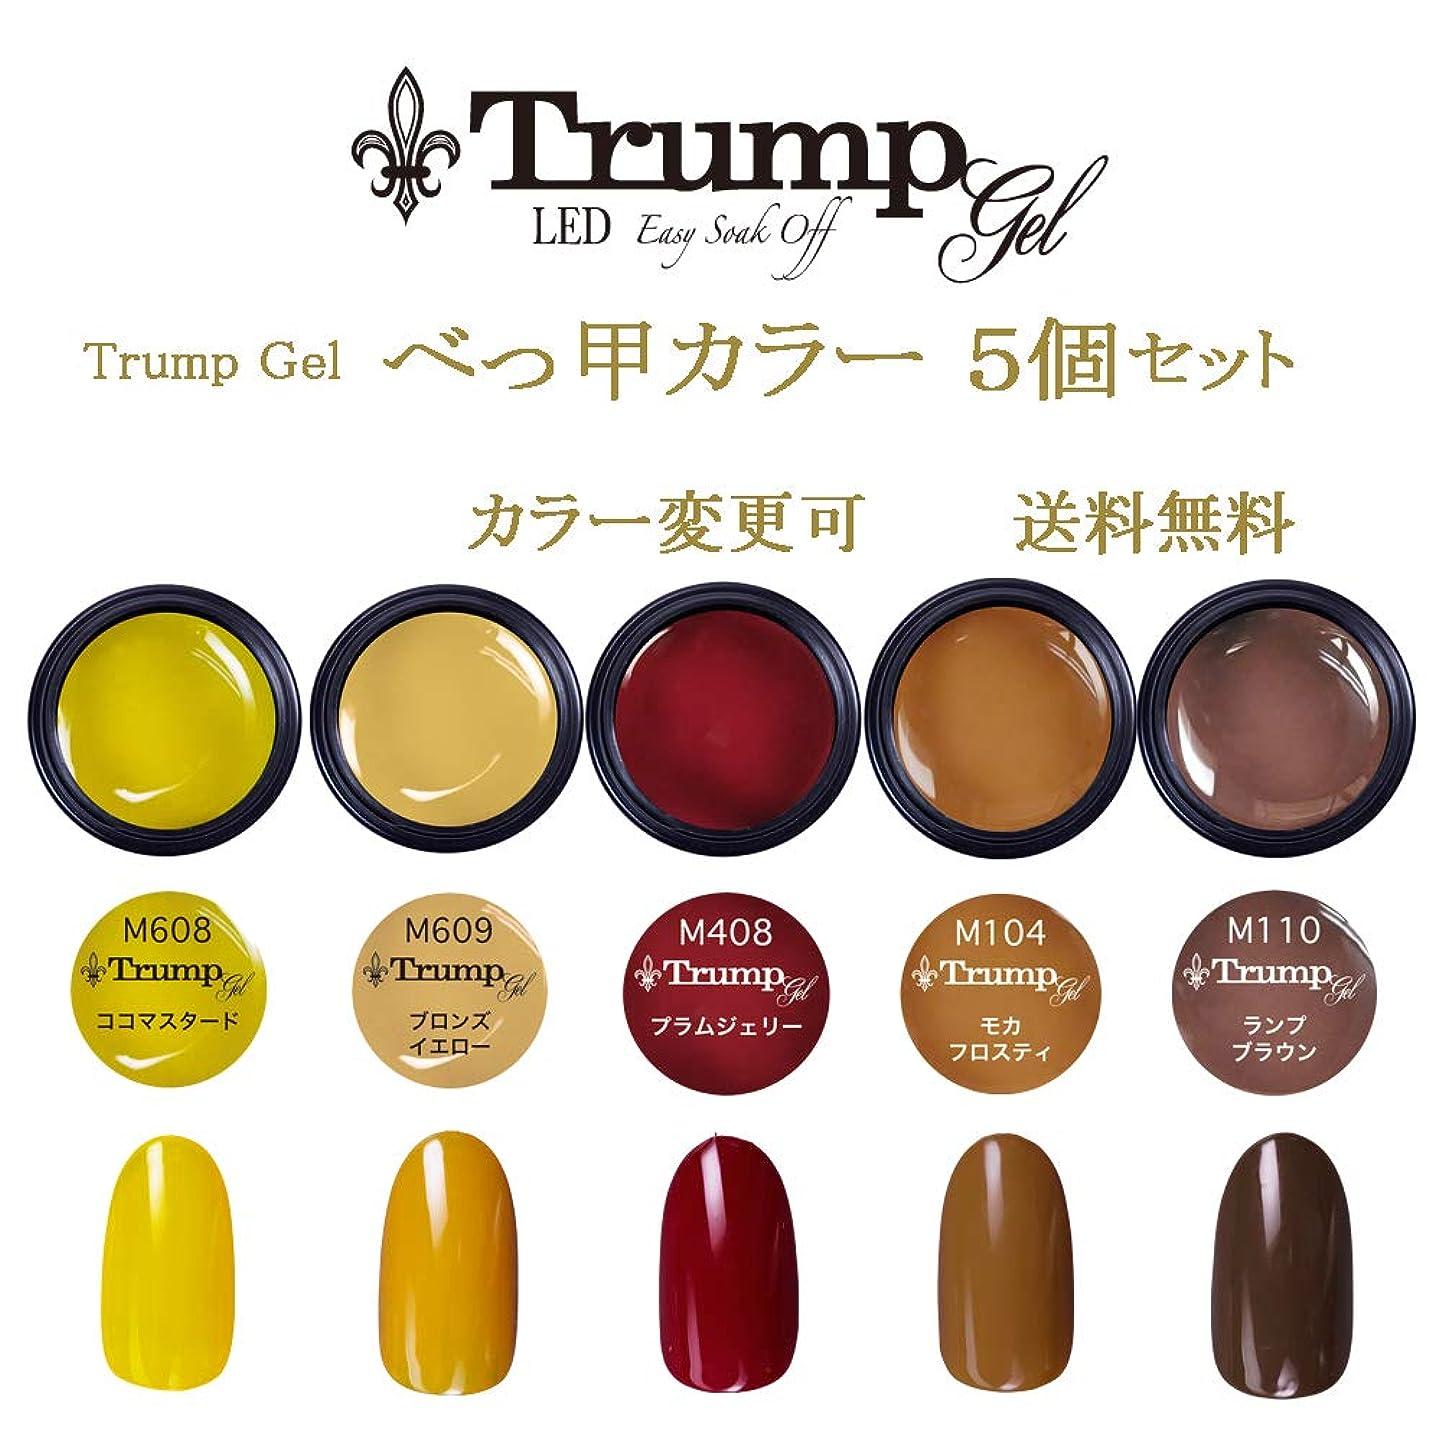 メアリアンジョーンズ姿を消す侵略【送料無料】日本製 Trump gel トランプジェル べっ甲カラー ブラウン系 選べる カラージェル 5個セット べっ甲ネイル ベージュ ブラウン マスタード カラー